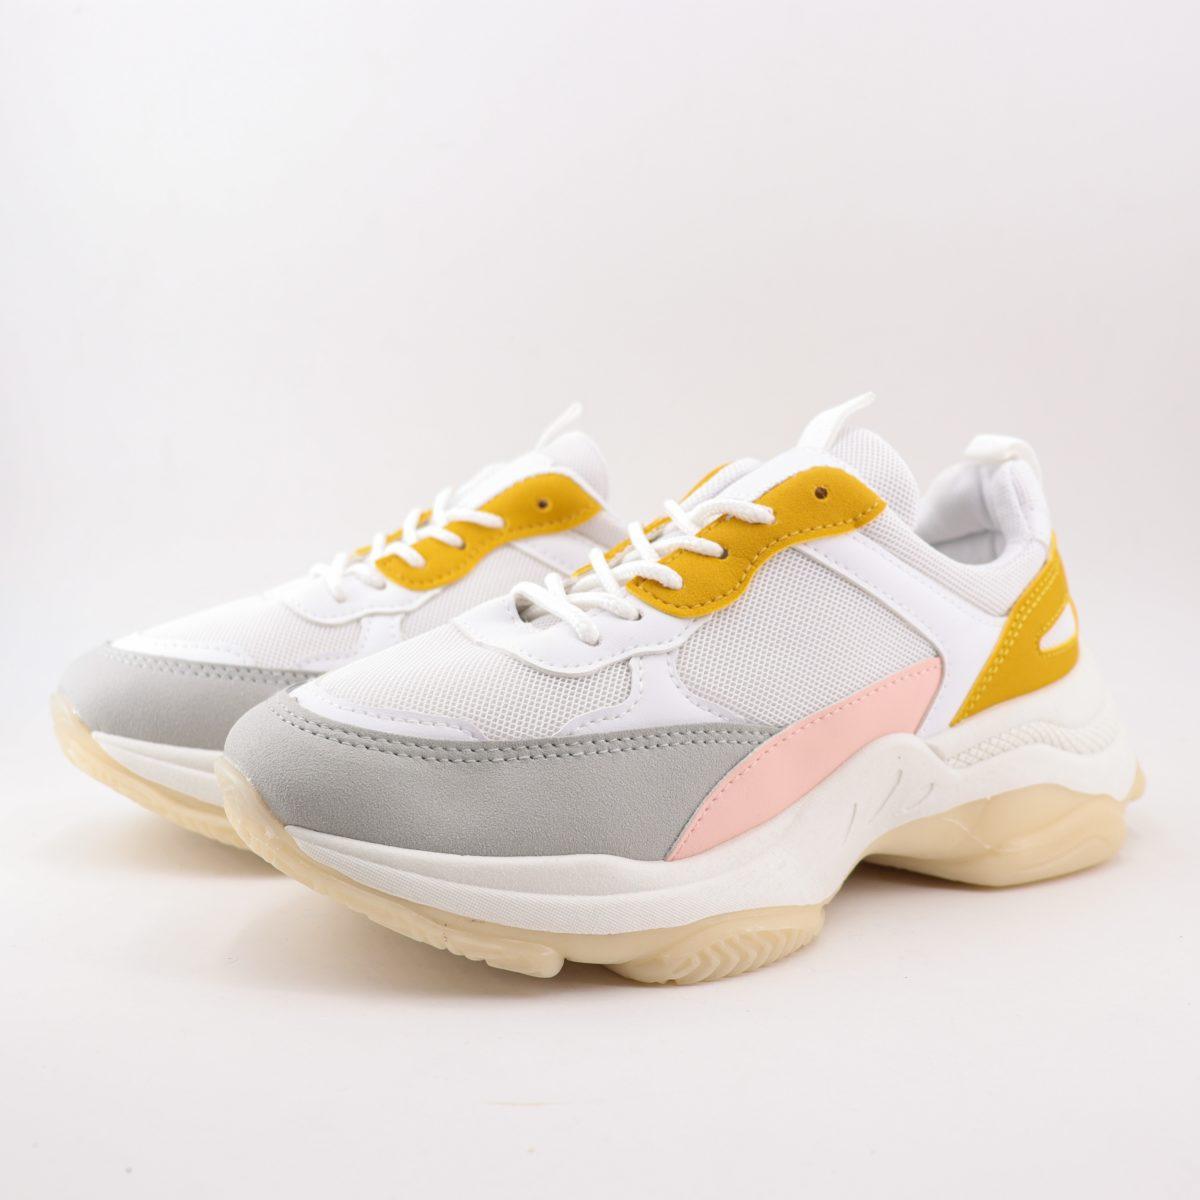 Hemera Studios pantoufles femmes semelle extérieure graisse 2020 sport femmes pompes chaussures décontractées baskets multicolore avec plate-forme